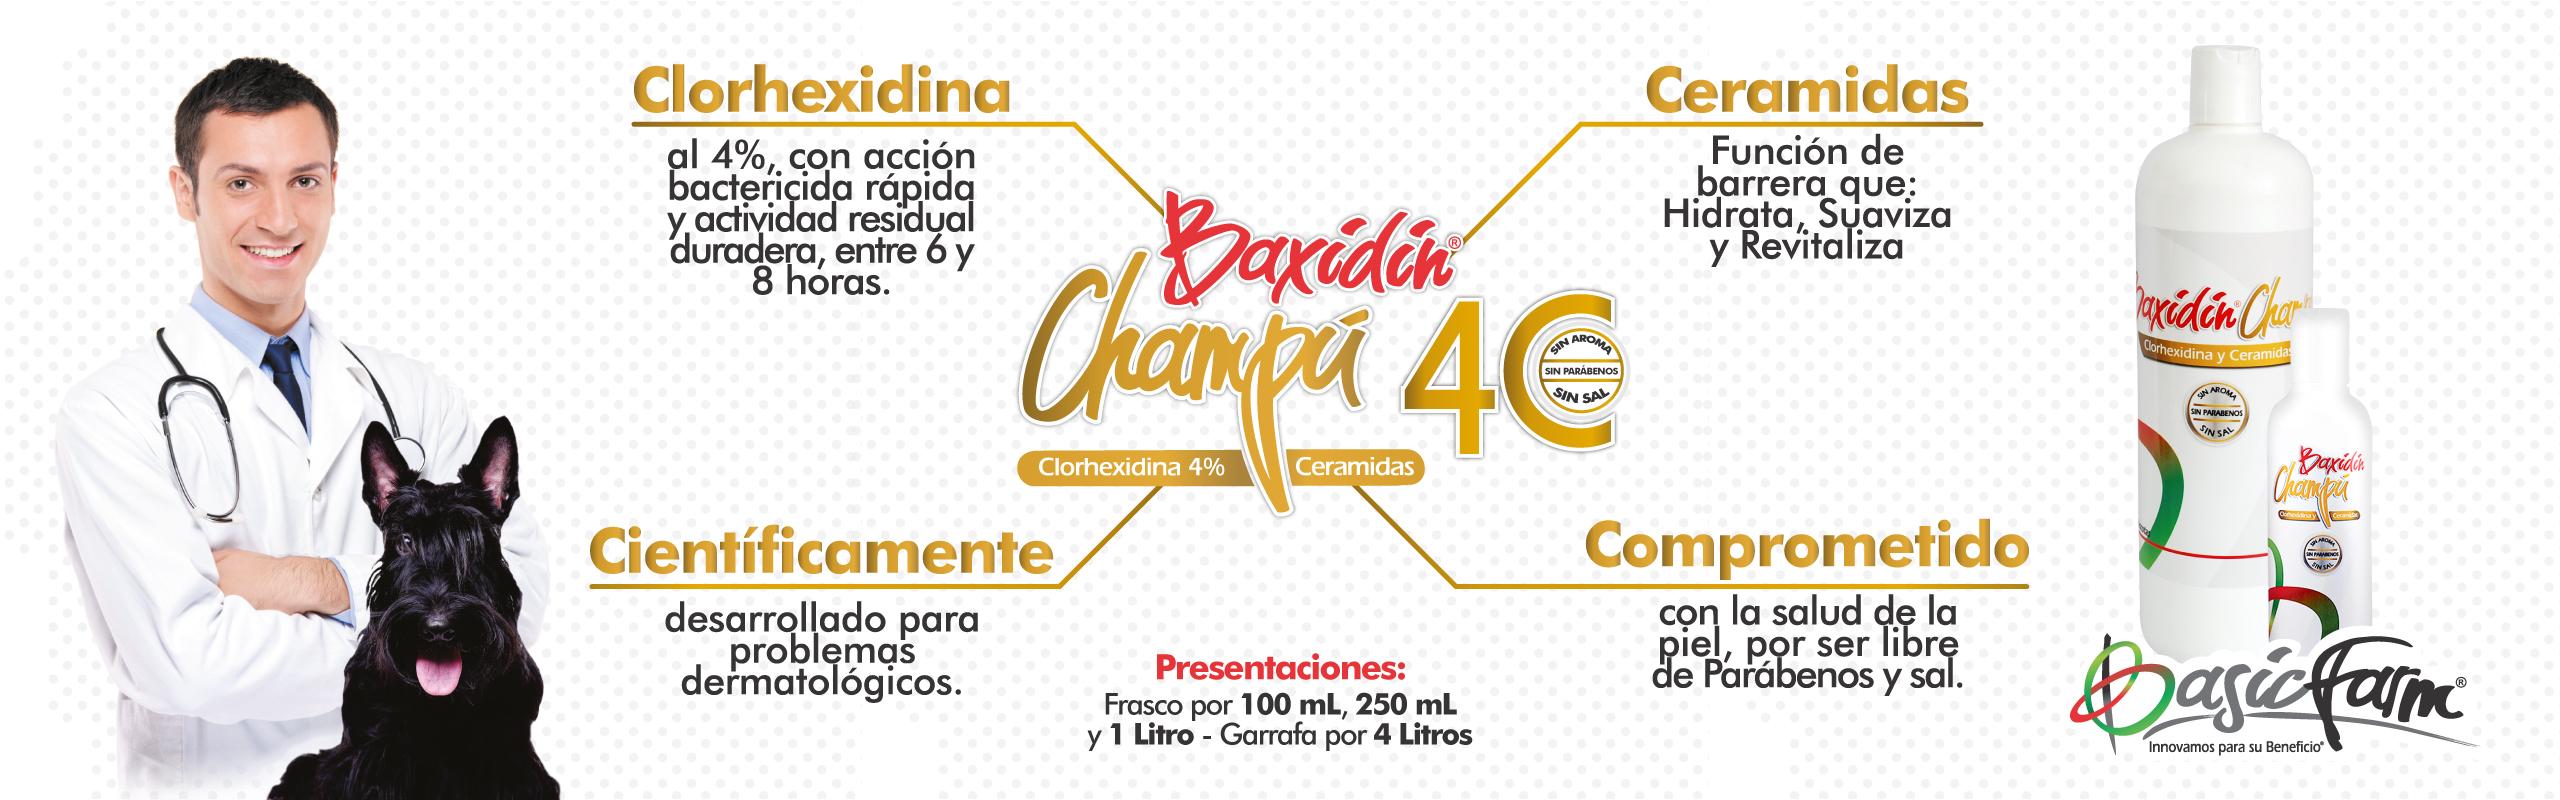 Banner pagina web Baxidin Champu